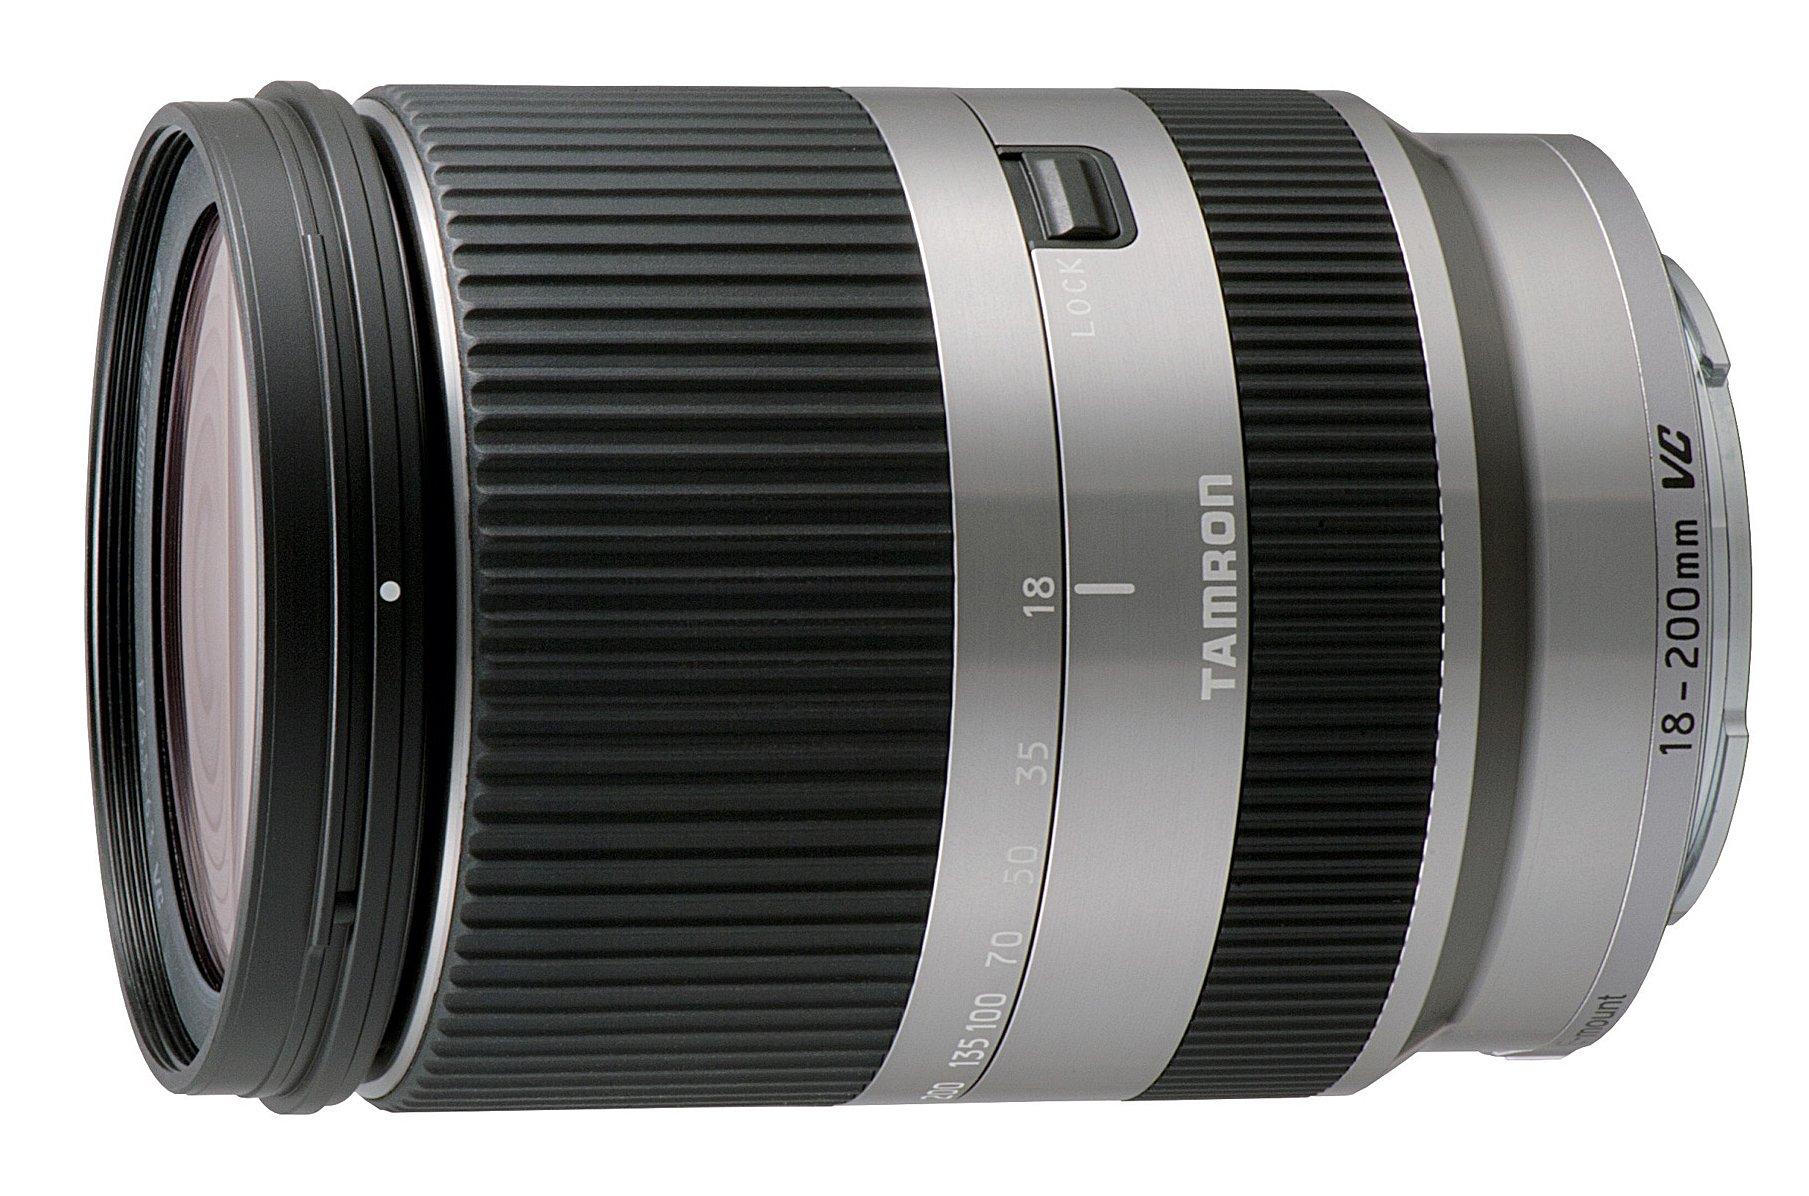 TAMRON 18-200 mm f/3,5-6,3 Di III VC stříbrný pro Canon EOS M